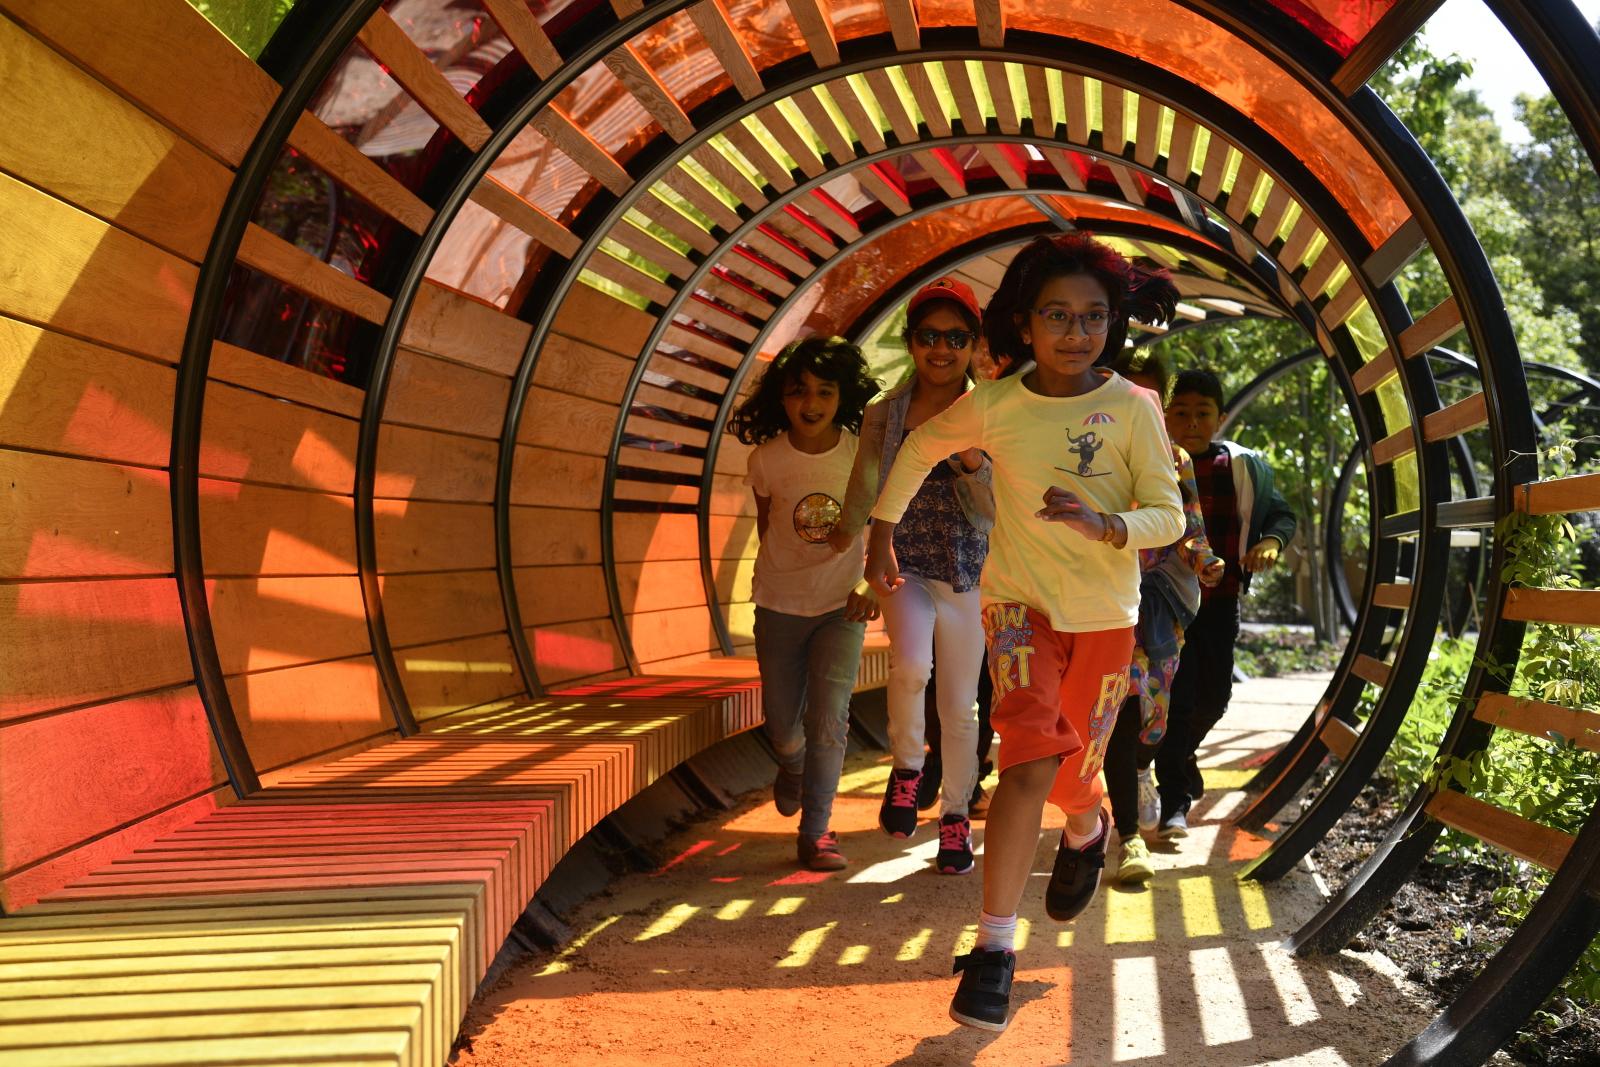 Wielka Brytania - Przyjęcie dla dzieci w królewskich ogrodach EPA/NEIL HALL